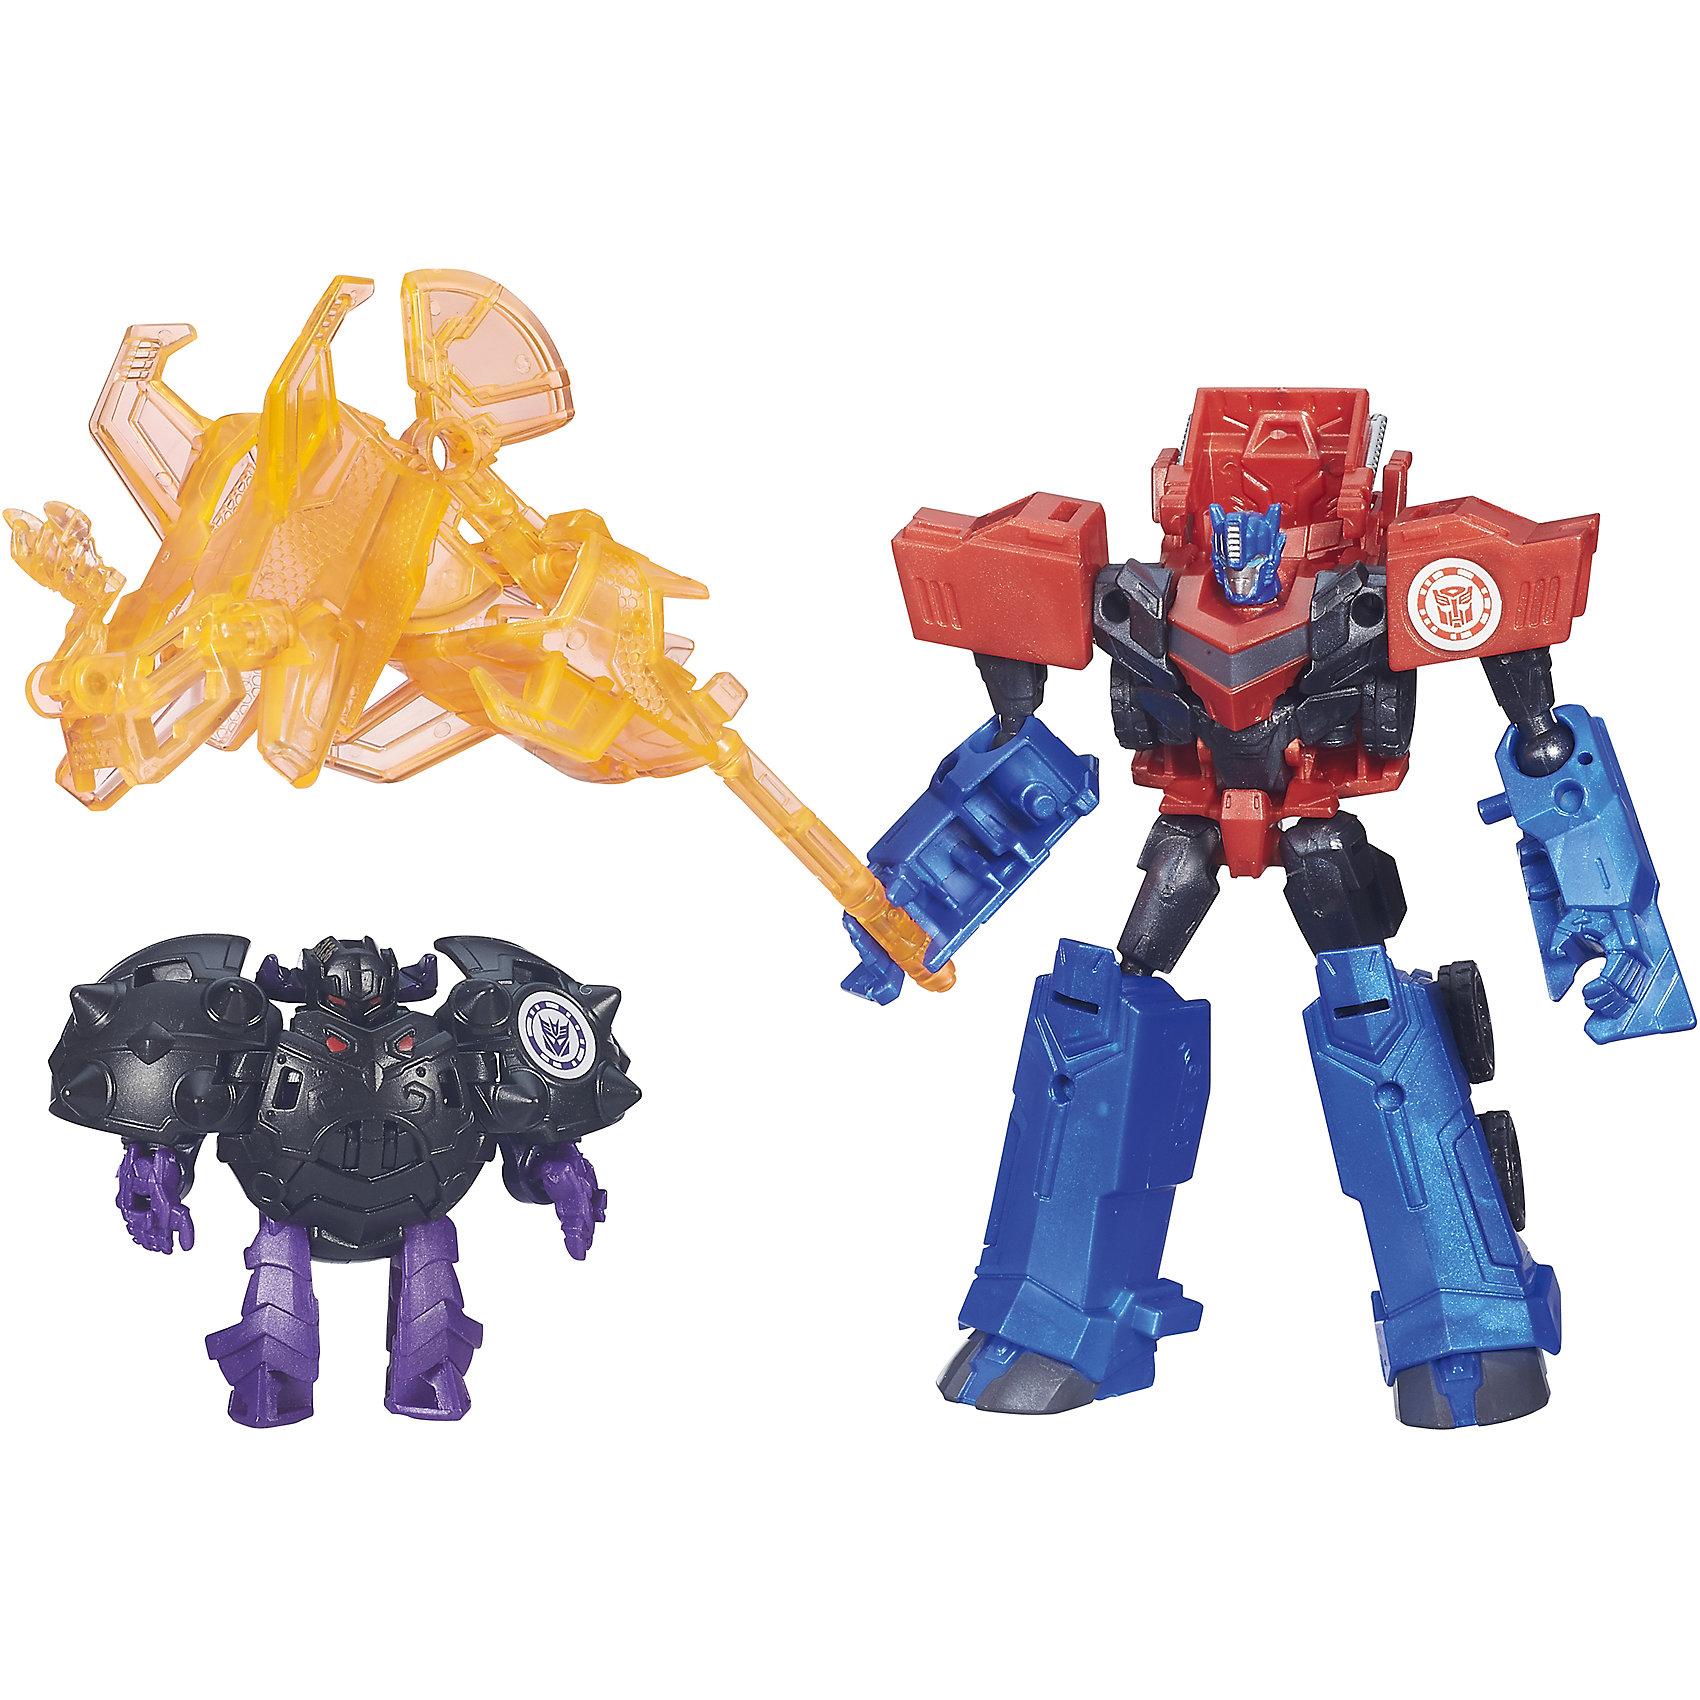 Миниконы Бэтл Пэкс, Роботс-ин-Дисгайс, Трансформеры, B4713/B4714Трансформеры<br>Характеристики:<br><br>• Материал: пластик<br>• Комплектация: 2 робота-трансформера, 8 аксессуаров<br>• Высота робота ?11 см, высота мини-кона ?5 см<br>• Трансформируется в грузовик за 5 шагов<br>• На игрушке имеется сканируемый жетон<br>• Вес в упаковке: 162 г<br>• Размеры упаковки (Г*Ш*В): 23,2*20,3*5,5 см<br>• Упаковка: блистер на картонной подложке<br><br>Наборы этой коллекции состоят из робота-трансформера, мини-кона и коллекции аксессуаров. Робот этой коллекции за 5 шагов трансформируется в грузовик. Фигурки героев выполнены из твердого пластика, устойчивого к повреждениям и трещинам, детали окрашены нетоксичной краской без запаха. Робот выполнен с высокой степенью достоверности и соответствия облику своего экранного прототипа.<br><br>Миникона Бэтл Пэкс, Роботс-ин-Дисгайс, Трансформеры, B4713/B4714 можно купить в нашем интернет-магазине.<br><br>Ширина мм: 232<br>Глубина мм: 203<br>Высота мм: 55<br>Вес г: 162<br>Возраст от месяцев: 48<br>Возраст до месяцев: 96<br>Пол: Мужской<br>Возраст: Детский<br>SKU: 5489044